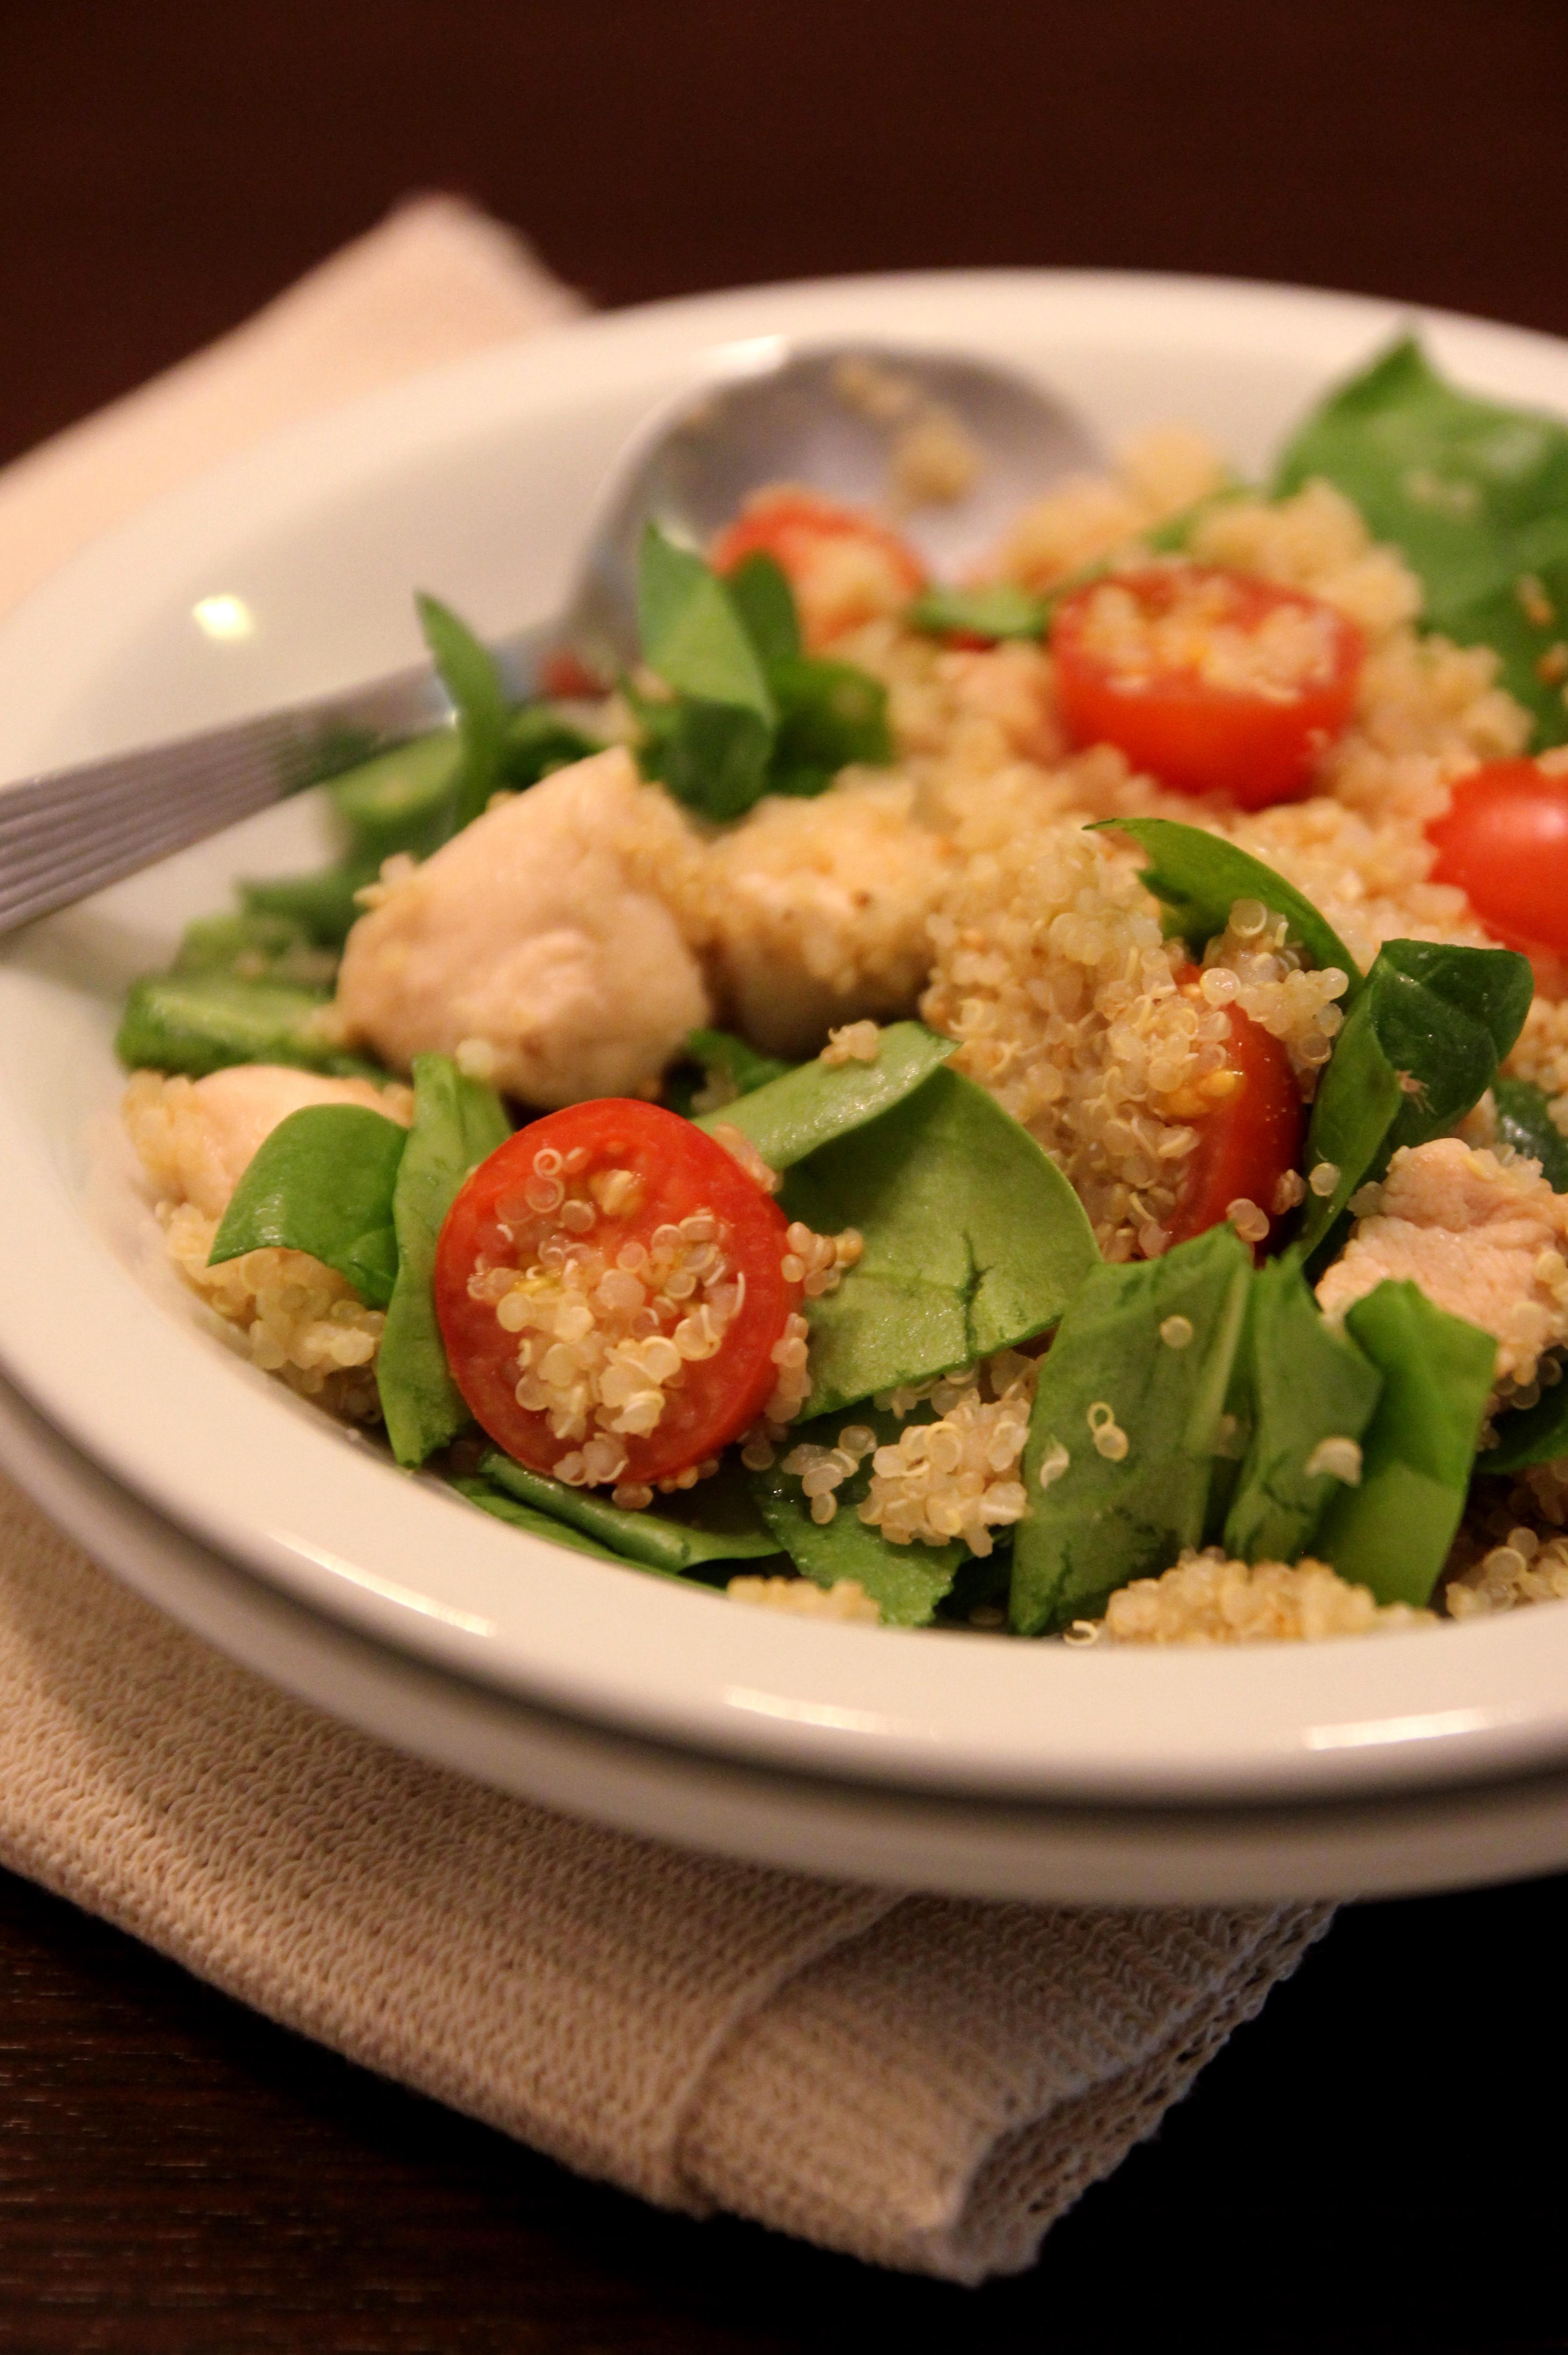 Chicken Quinoa Salad with Tomato & Spinach4